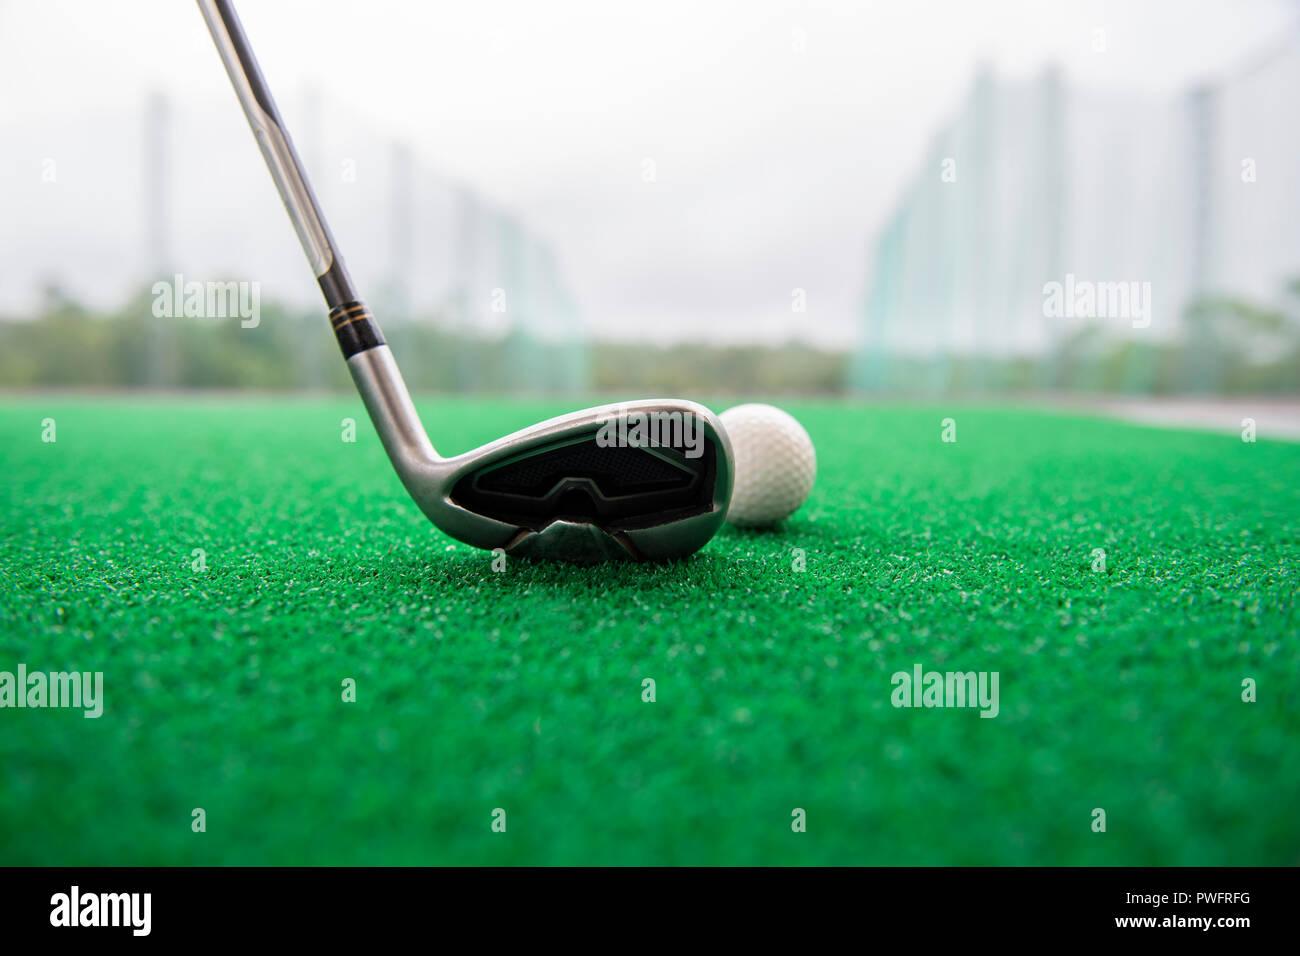 8dbfdb7a91 Club de Golf y bola sobre una alfombra de césped sintético en un campo de  entrenamiento